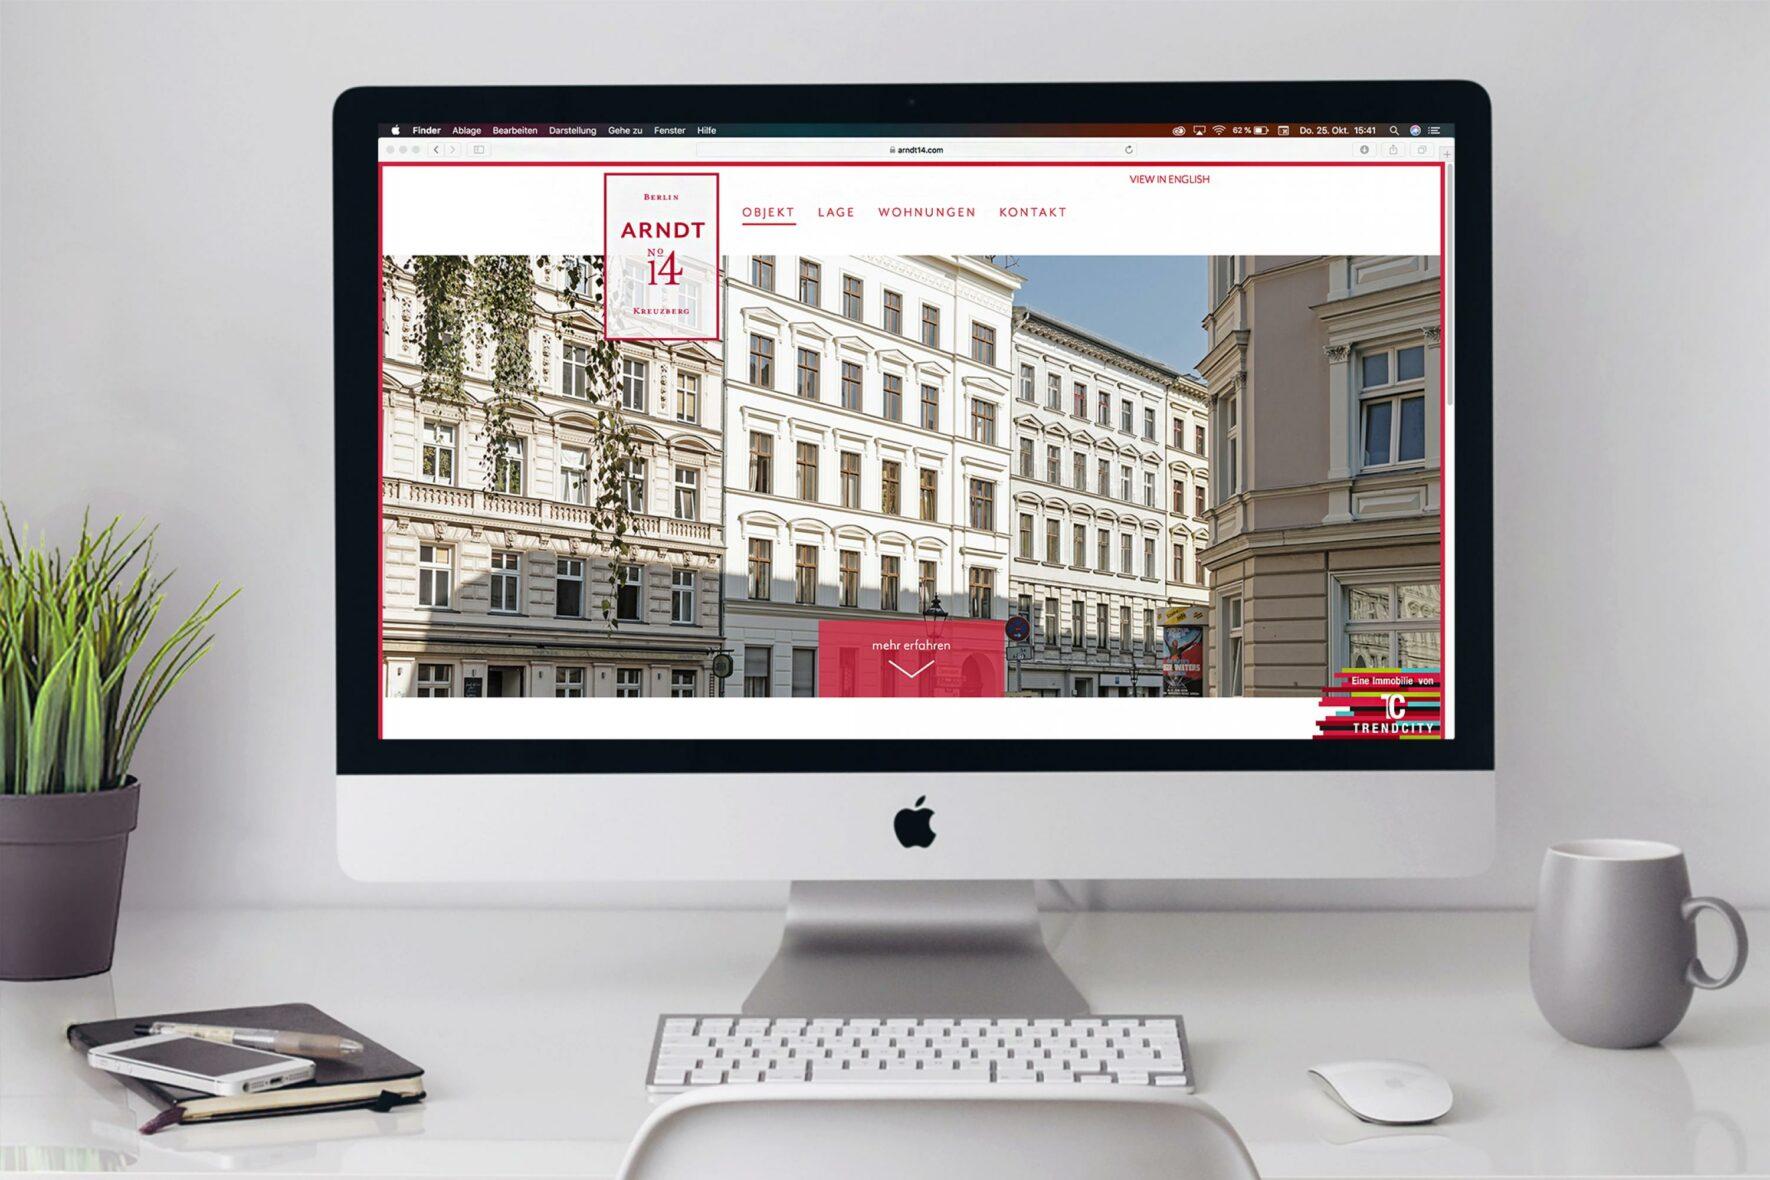 Webiste-Objekte-Branding-Trendcity-Immobilien-Corporate-design-arndt-1 Kopie